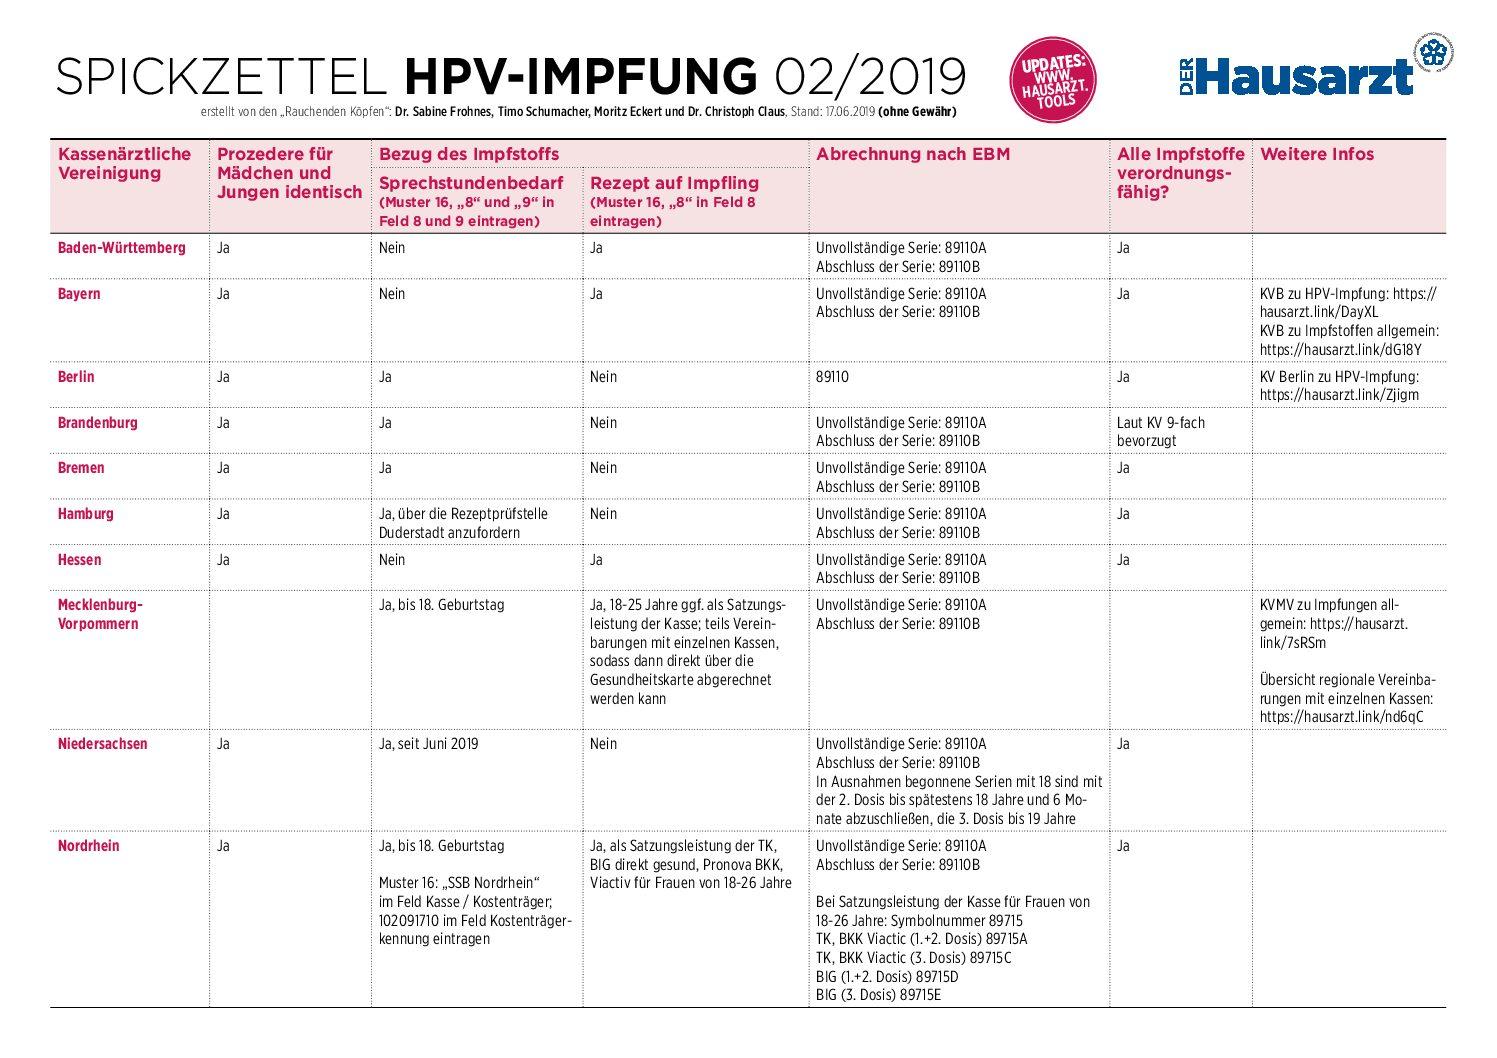 hpv impfung jungen tk)